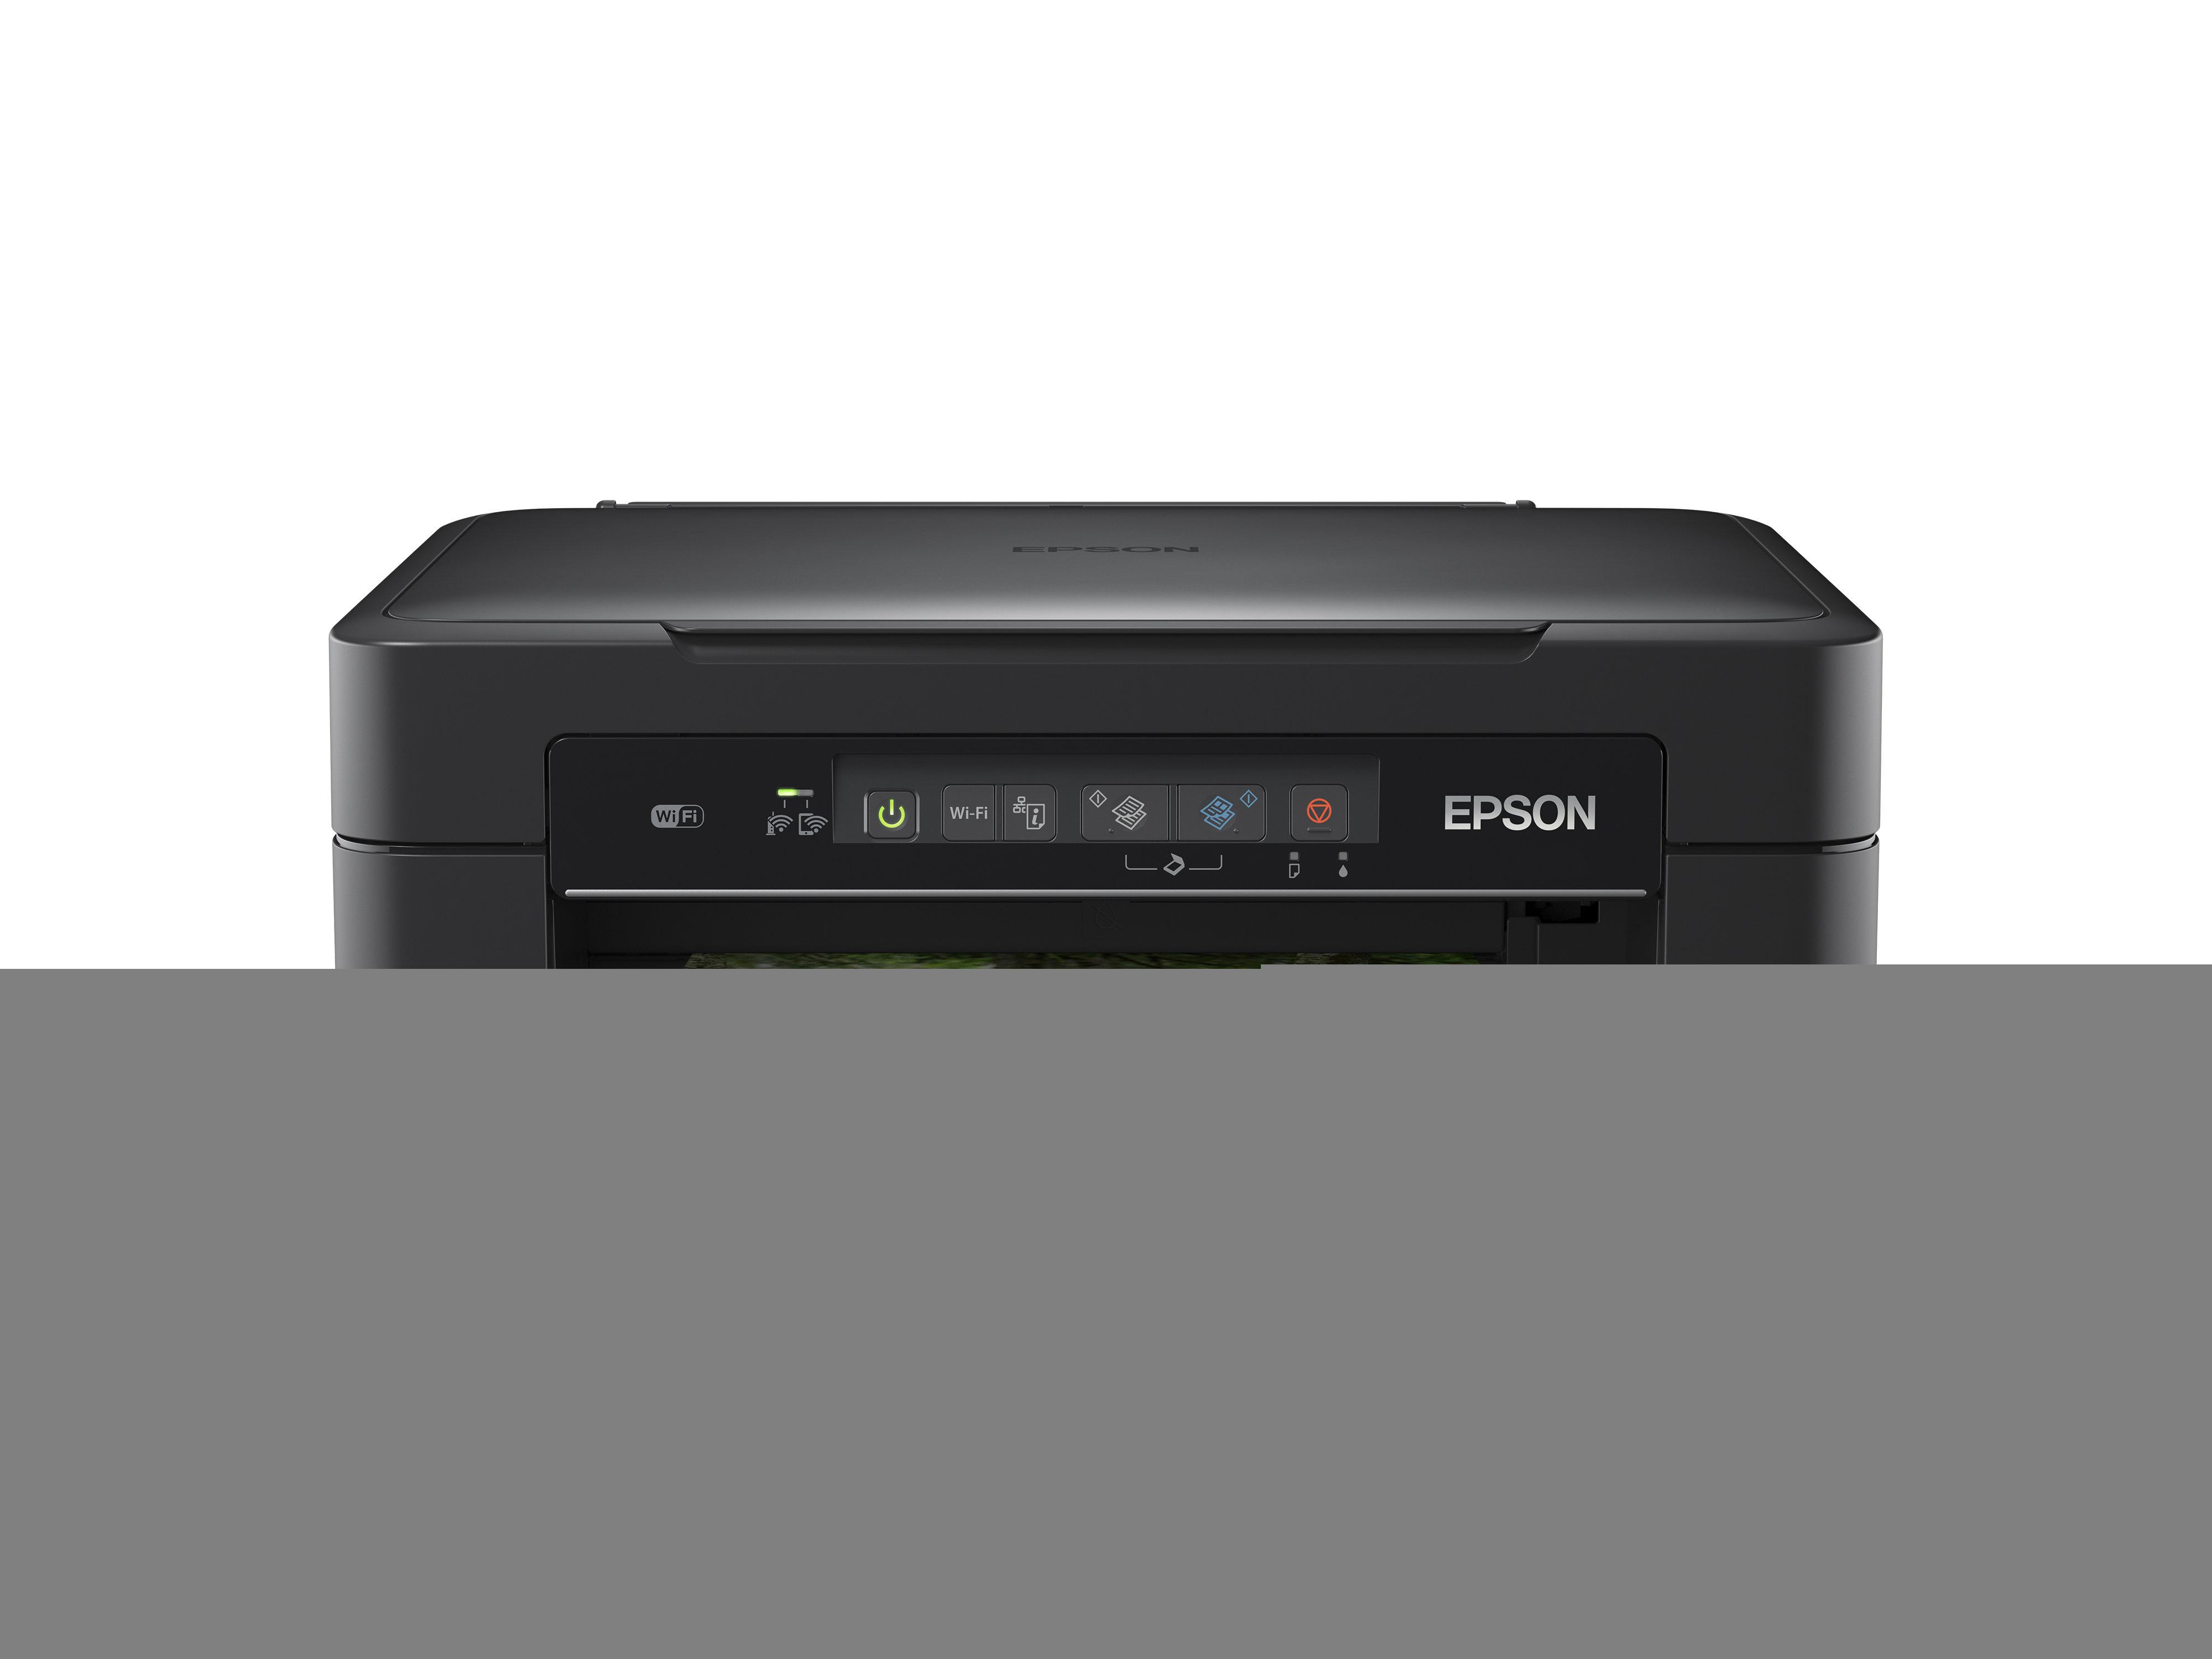 852037e436c 5% sur Imprimante Epson Expression Home XP-255 Multifonctions WiFi ...